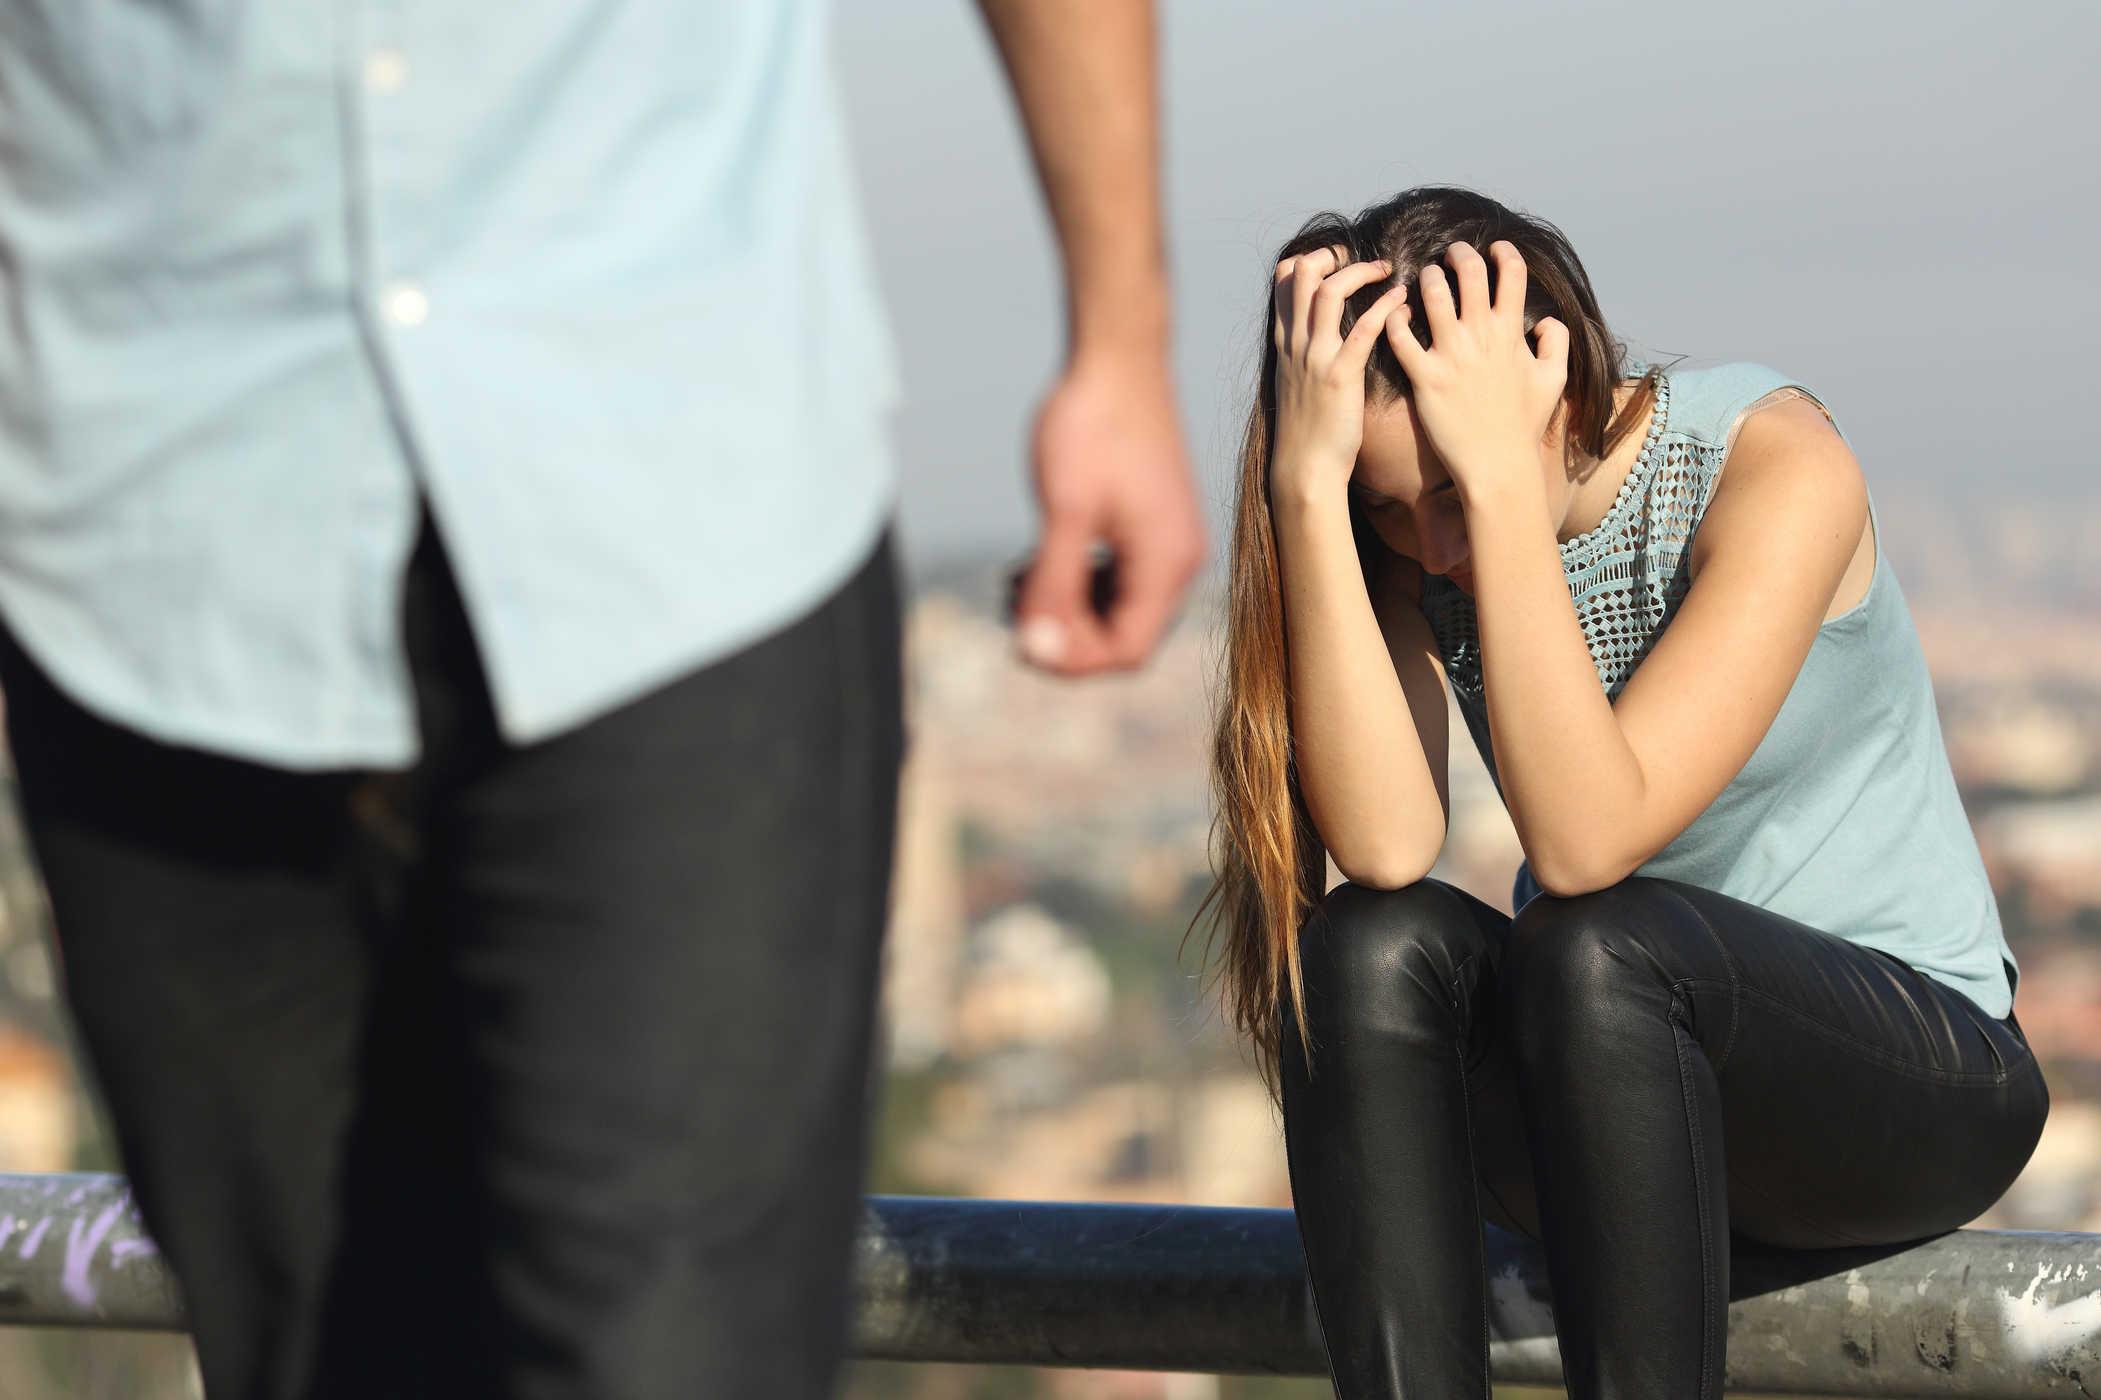 tư vấn pháp luật dân sự, ngoại tình, ly hôn, thủ tục ly hôn